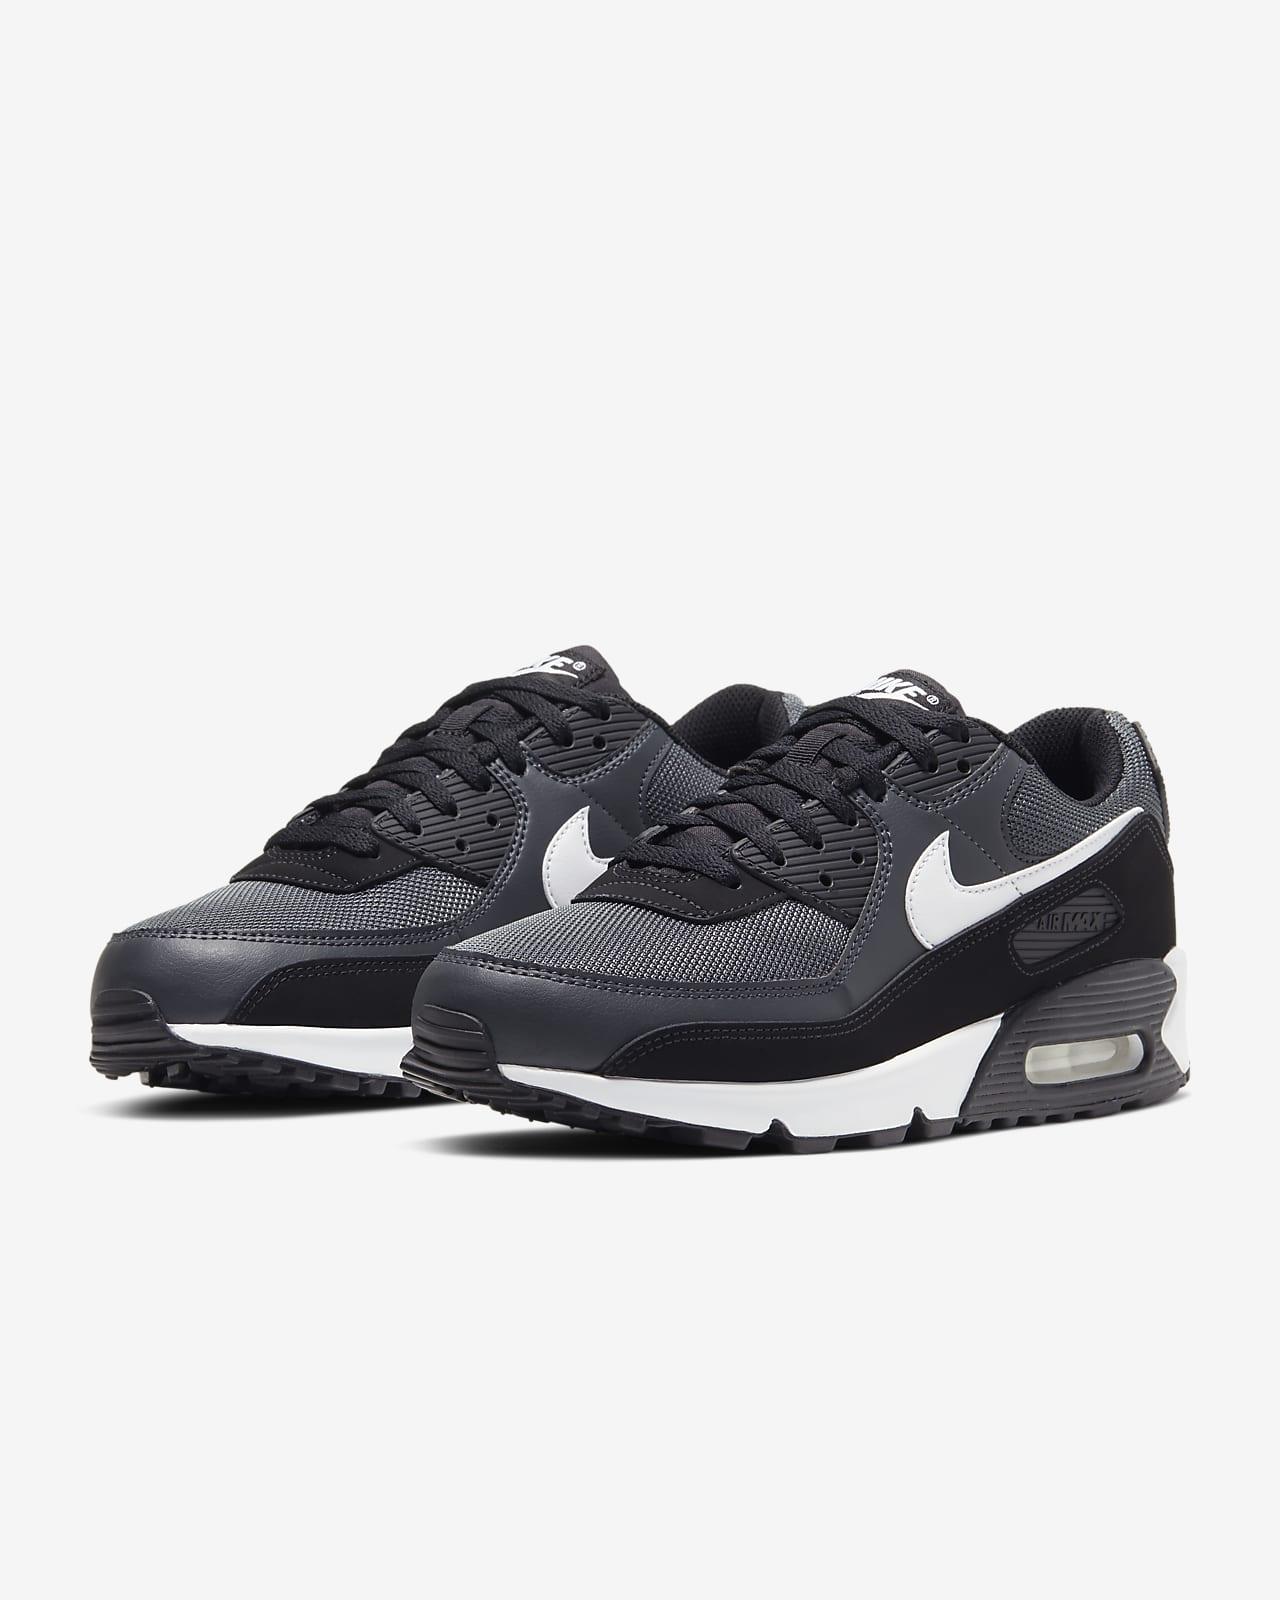 Nike Air Max 90 Men's Shoes. Nike LU